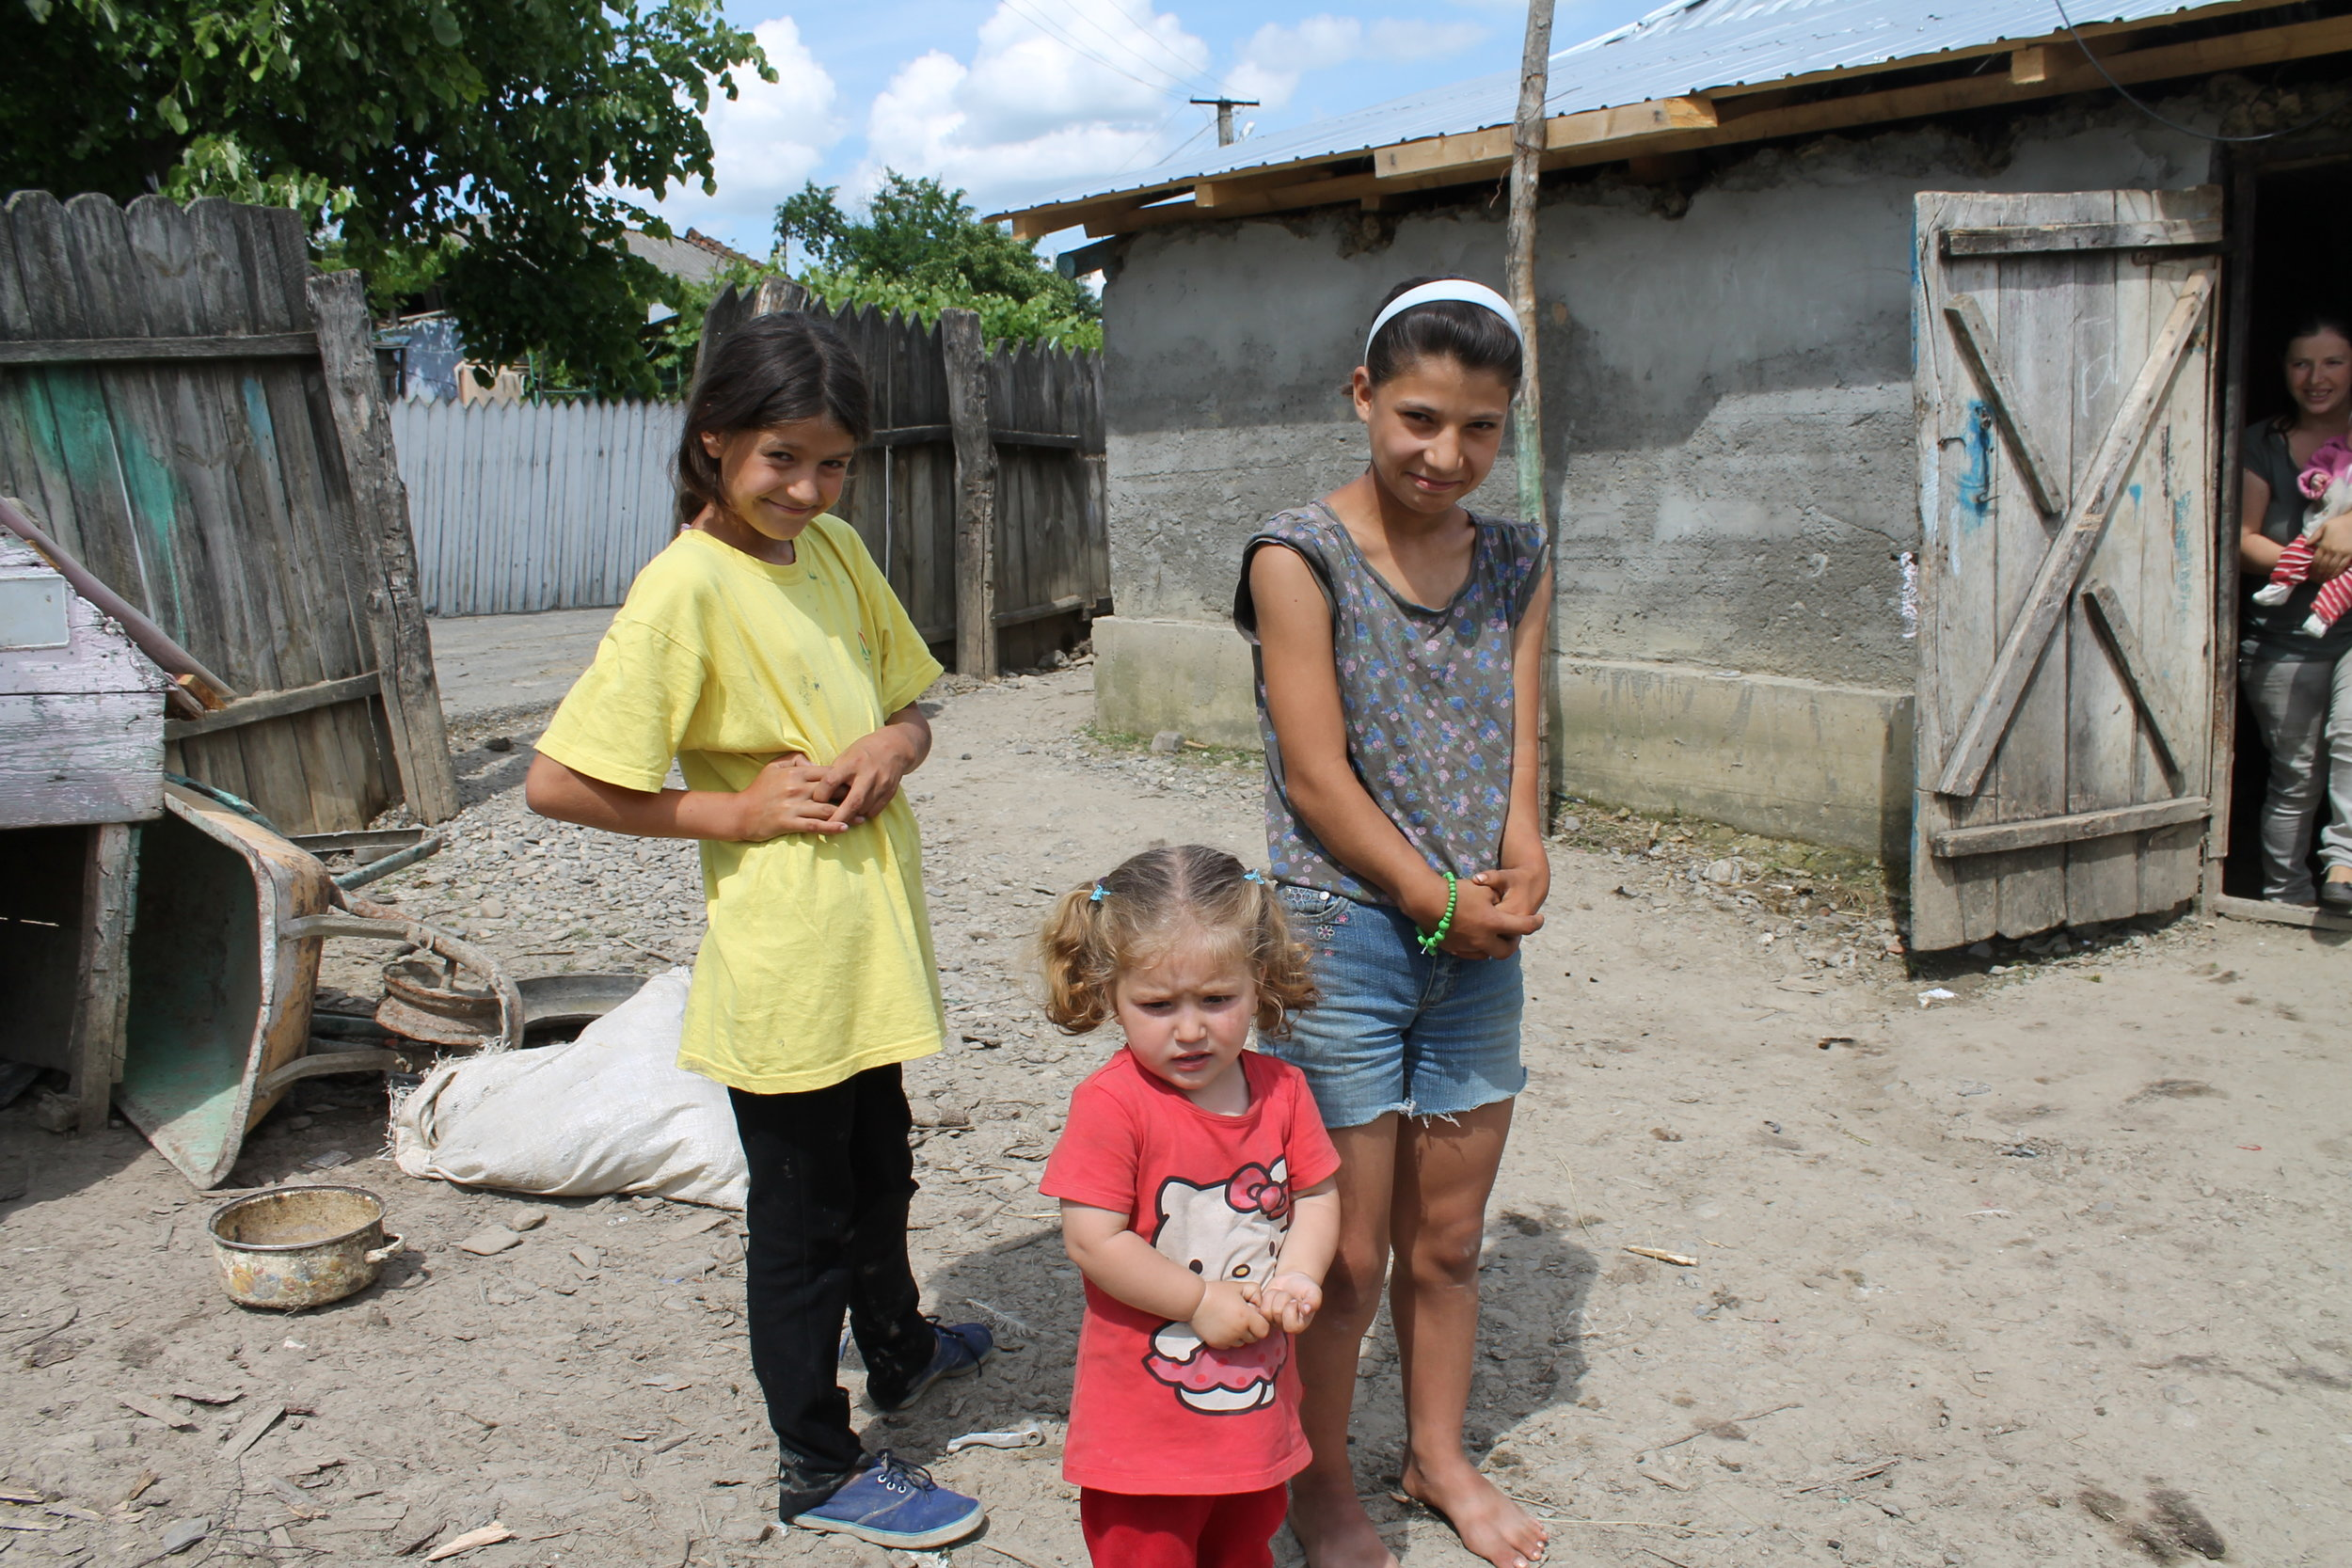 """Über uns... - Equiwent Hilfe e.V. kümmert sich hauptsächlich um die Arbeitspferde in Rumänien, aber auch in anderen Ländern und in Deutschland. Equiwent ist mit zwei eigenen mobilen Tierarztpraxen und mobilen Hufschmieden in Ostrumänien (nahe der Stadt Iasi) der Ansprechpartner für unzählige Arbeitspferde. Seit Oktober 2015 betreibt Equiwent auch nun die erste """"Non-Profital-Klinik"""" in Rumänien, vermutlich die erste in Europa.Außerdem hat Equiwent eine umpfängliche Station in Deutschland, Tierärzte und Hufspezialisten kümmern sich hier um Pferde in Not, beschlagnahmte Pferde usw.."""